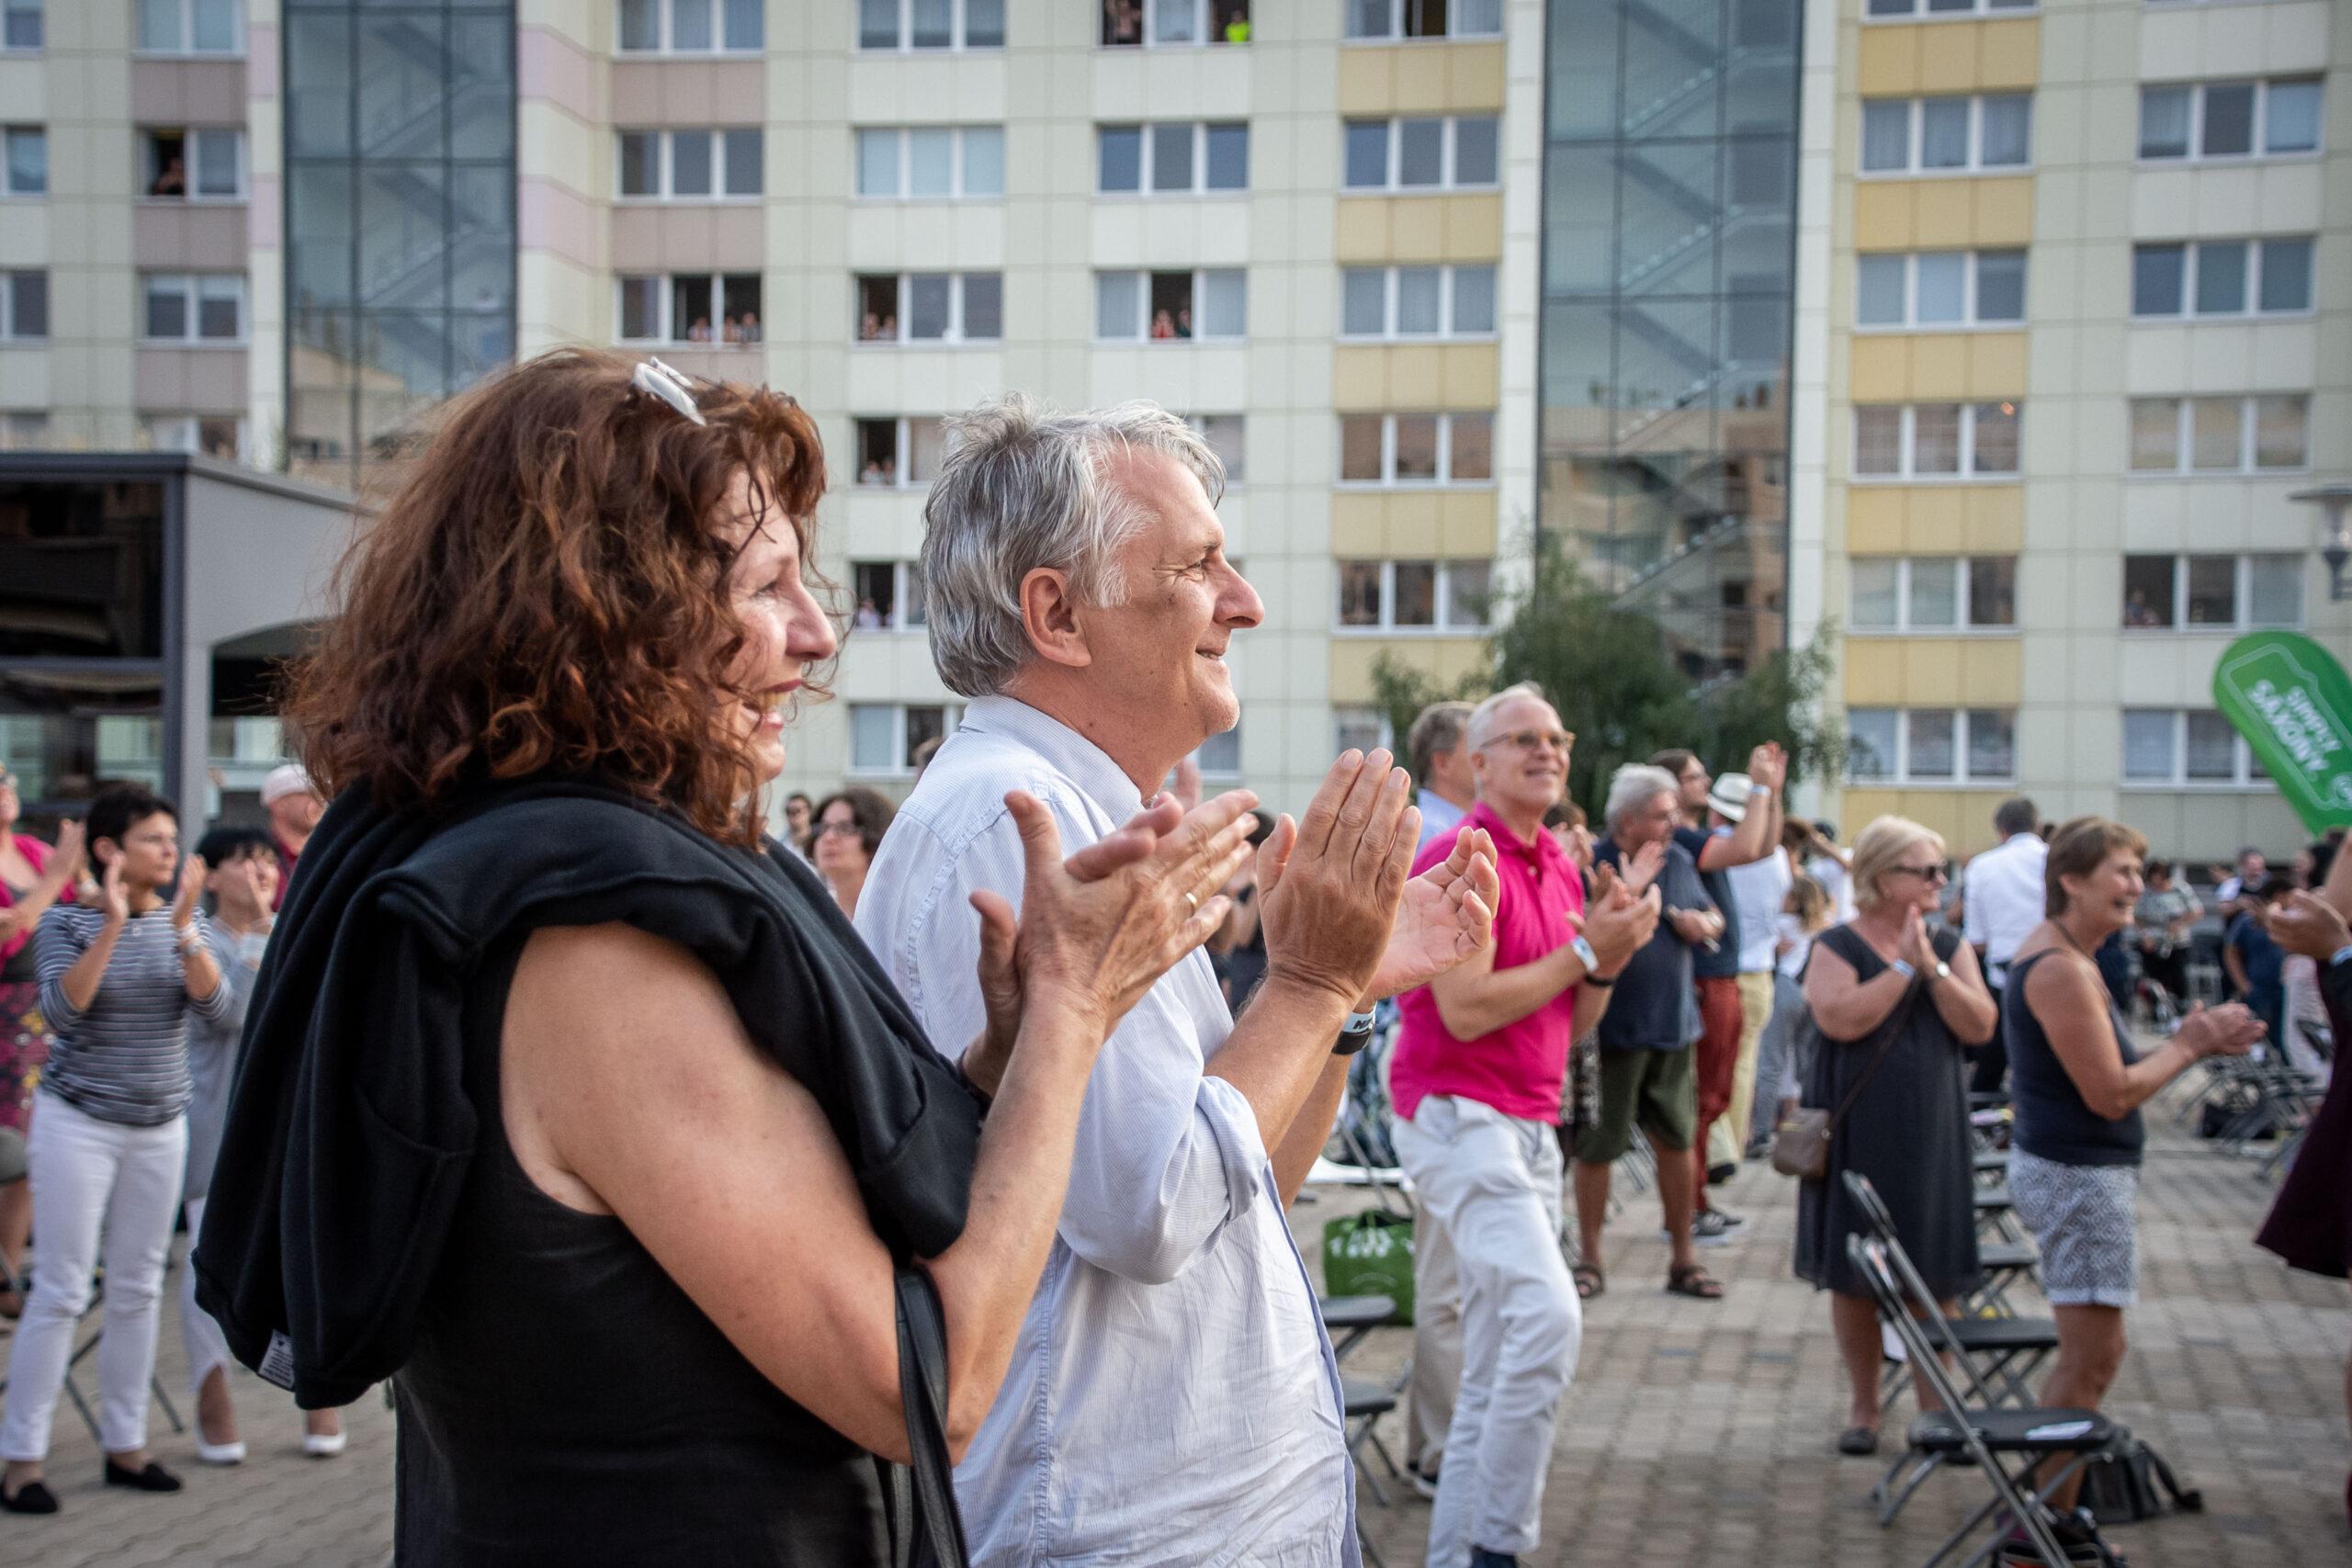 Himmel über Prohlis - Eventfotografie: Die Zuschauer sind begeistert